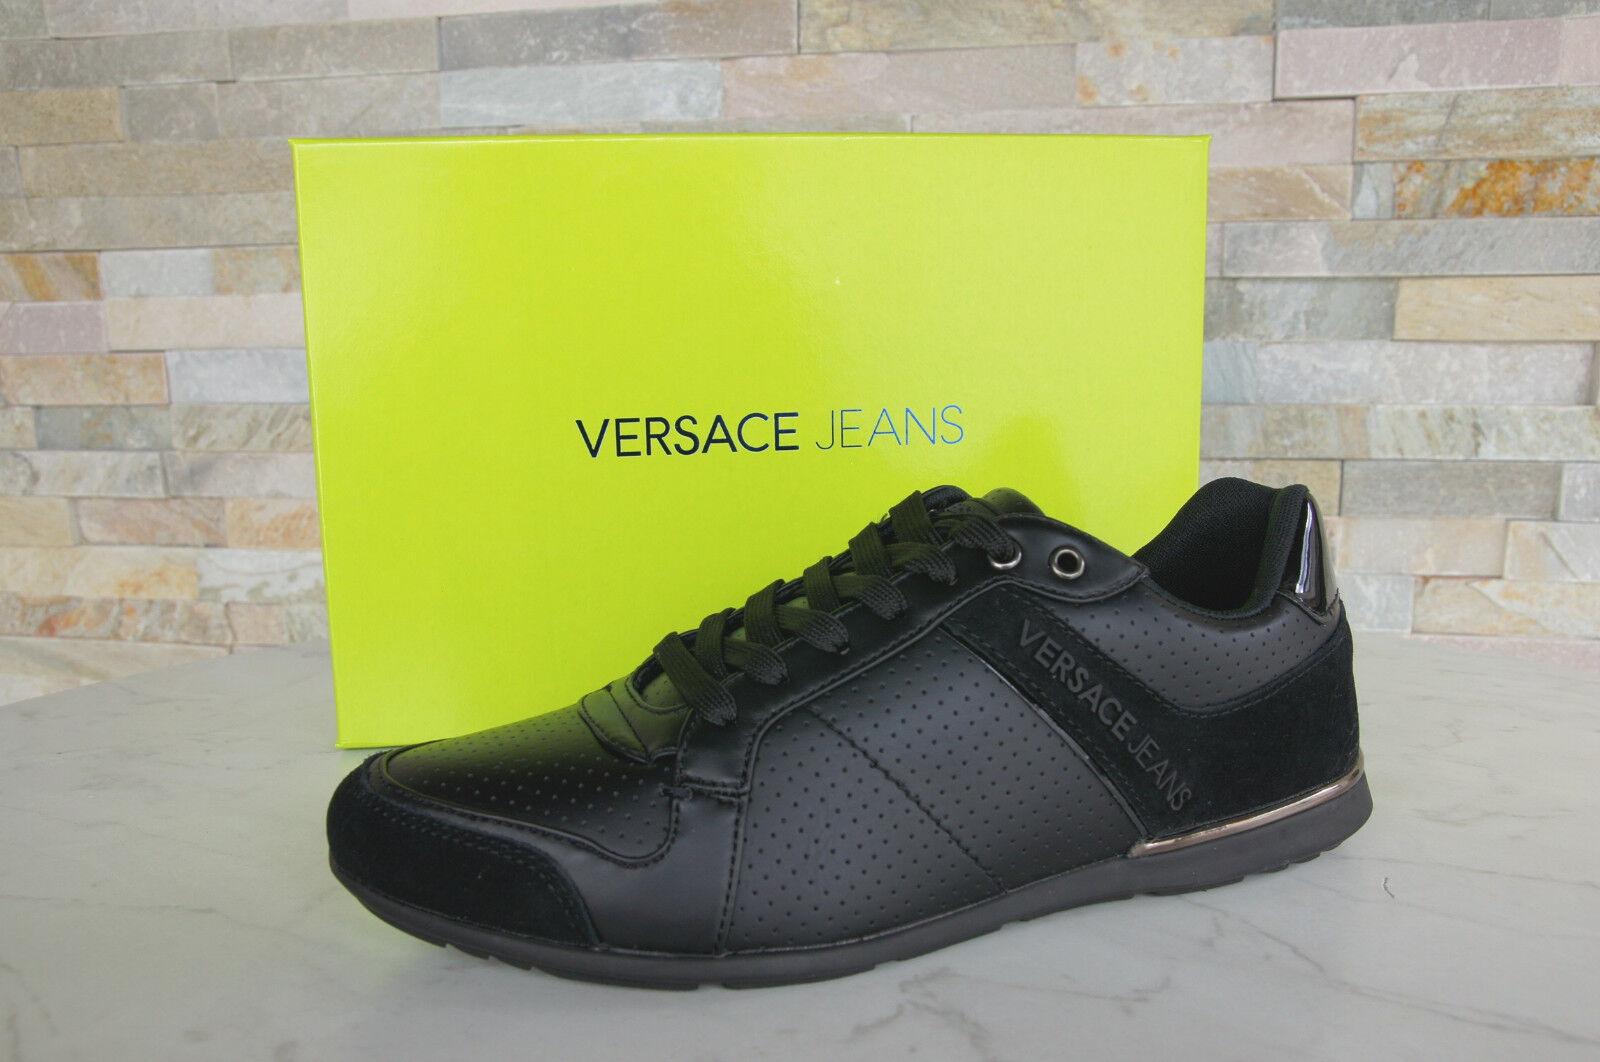 Versace Jeans 40 Gr scarpe da ginnastica Scarpe con Lacci Scarpe Nere Nuovo Origin.